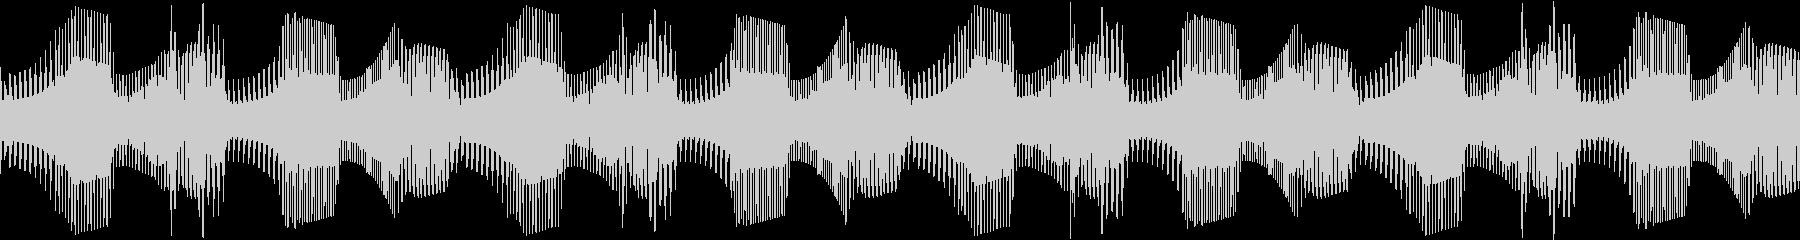 Techno ベース 6 音楽制作用の未再生の波形